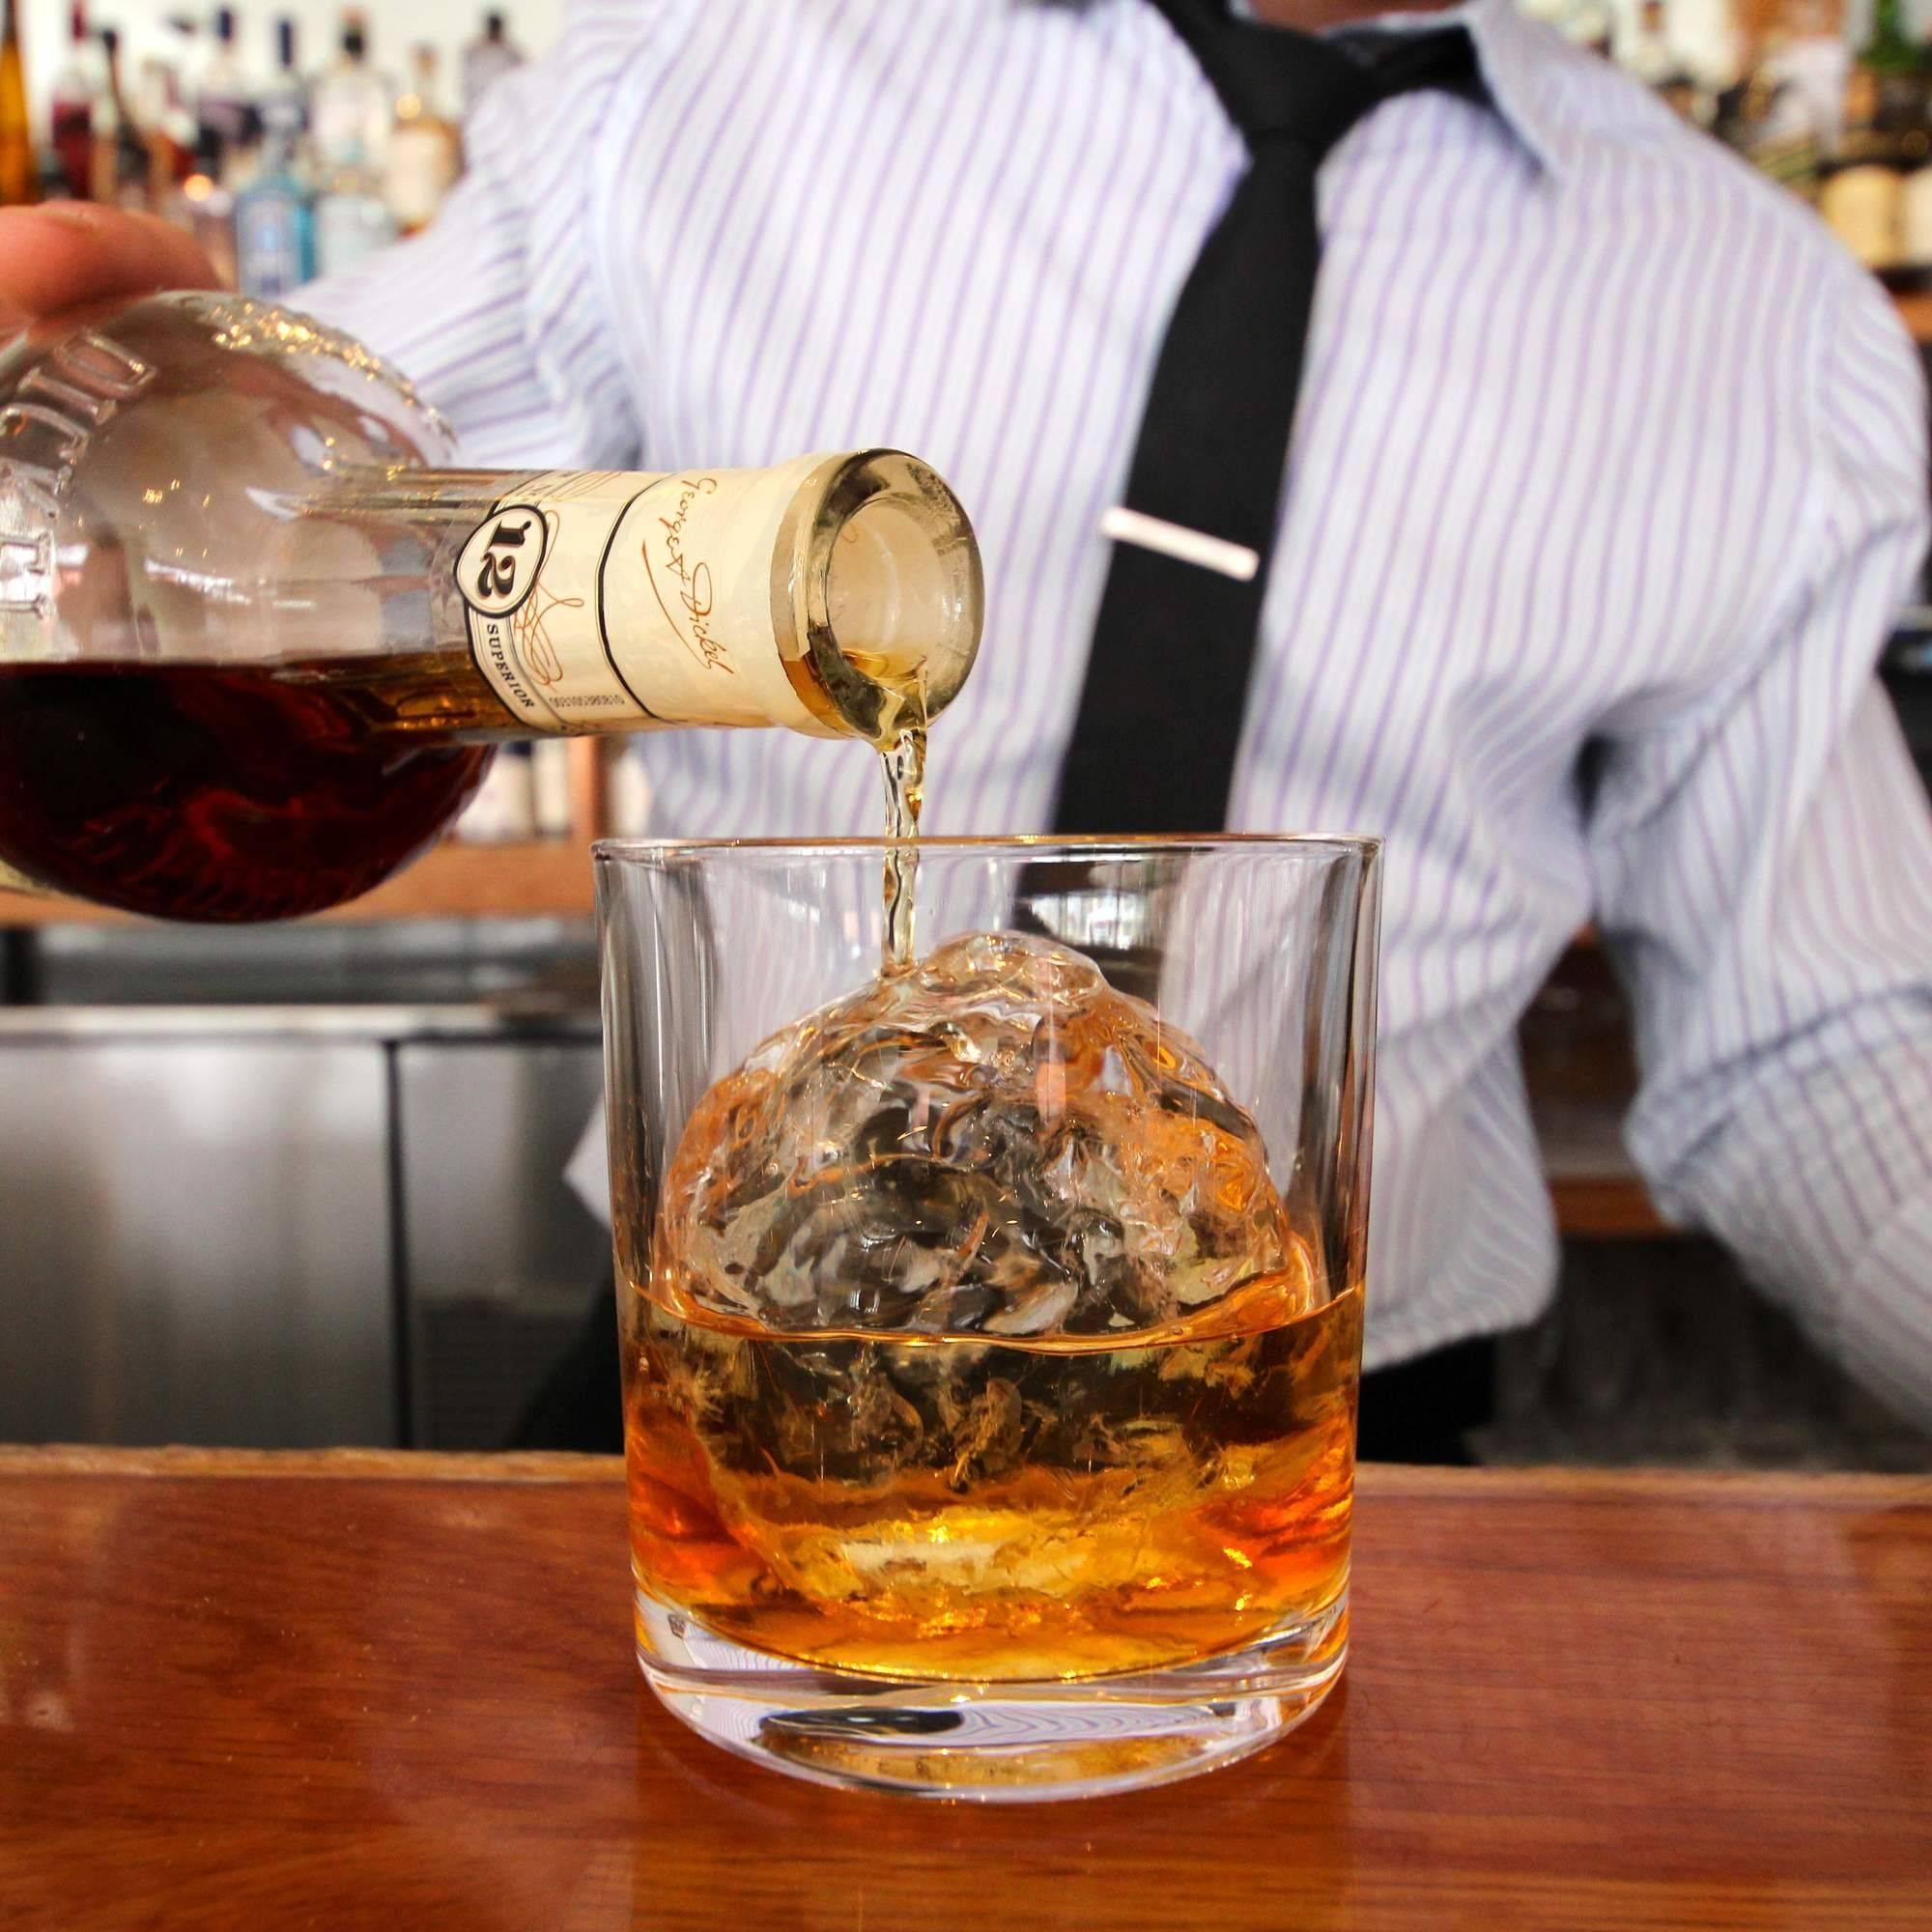 С чем пить виски: какие напитки смешивать кроме колы в качестве тоника, чтобы разбавлять это спиртное